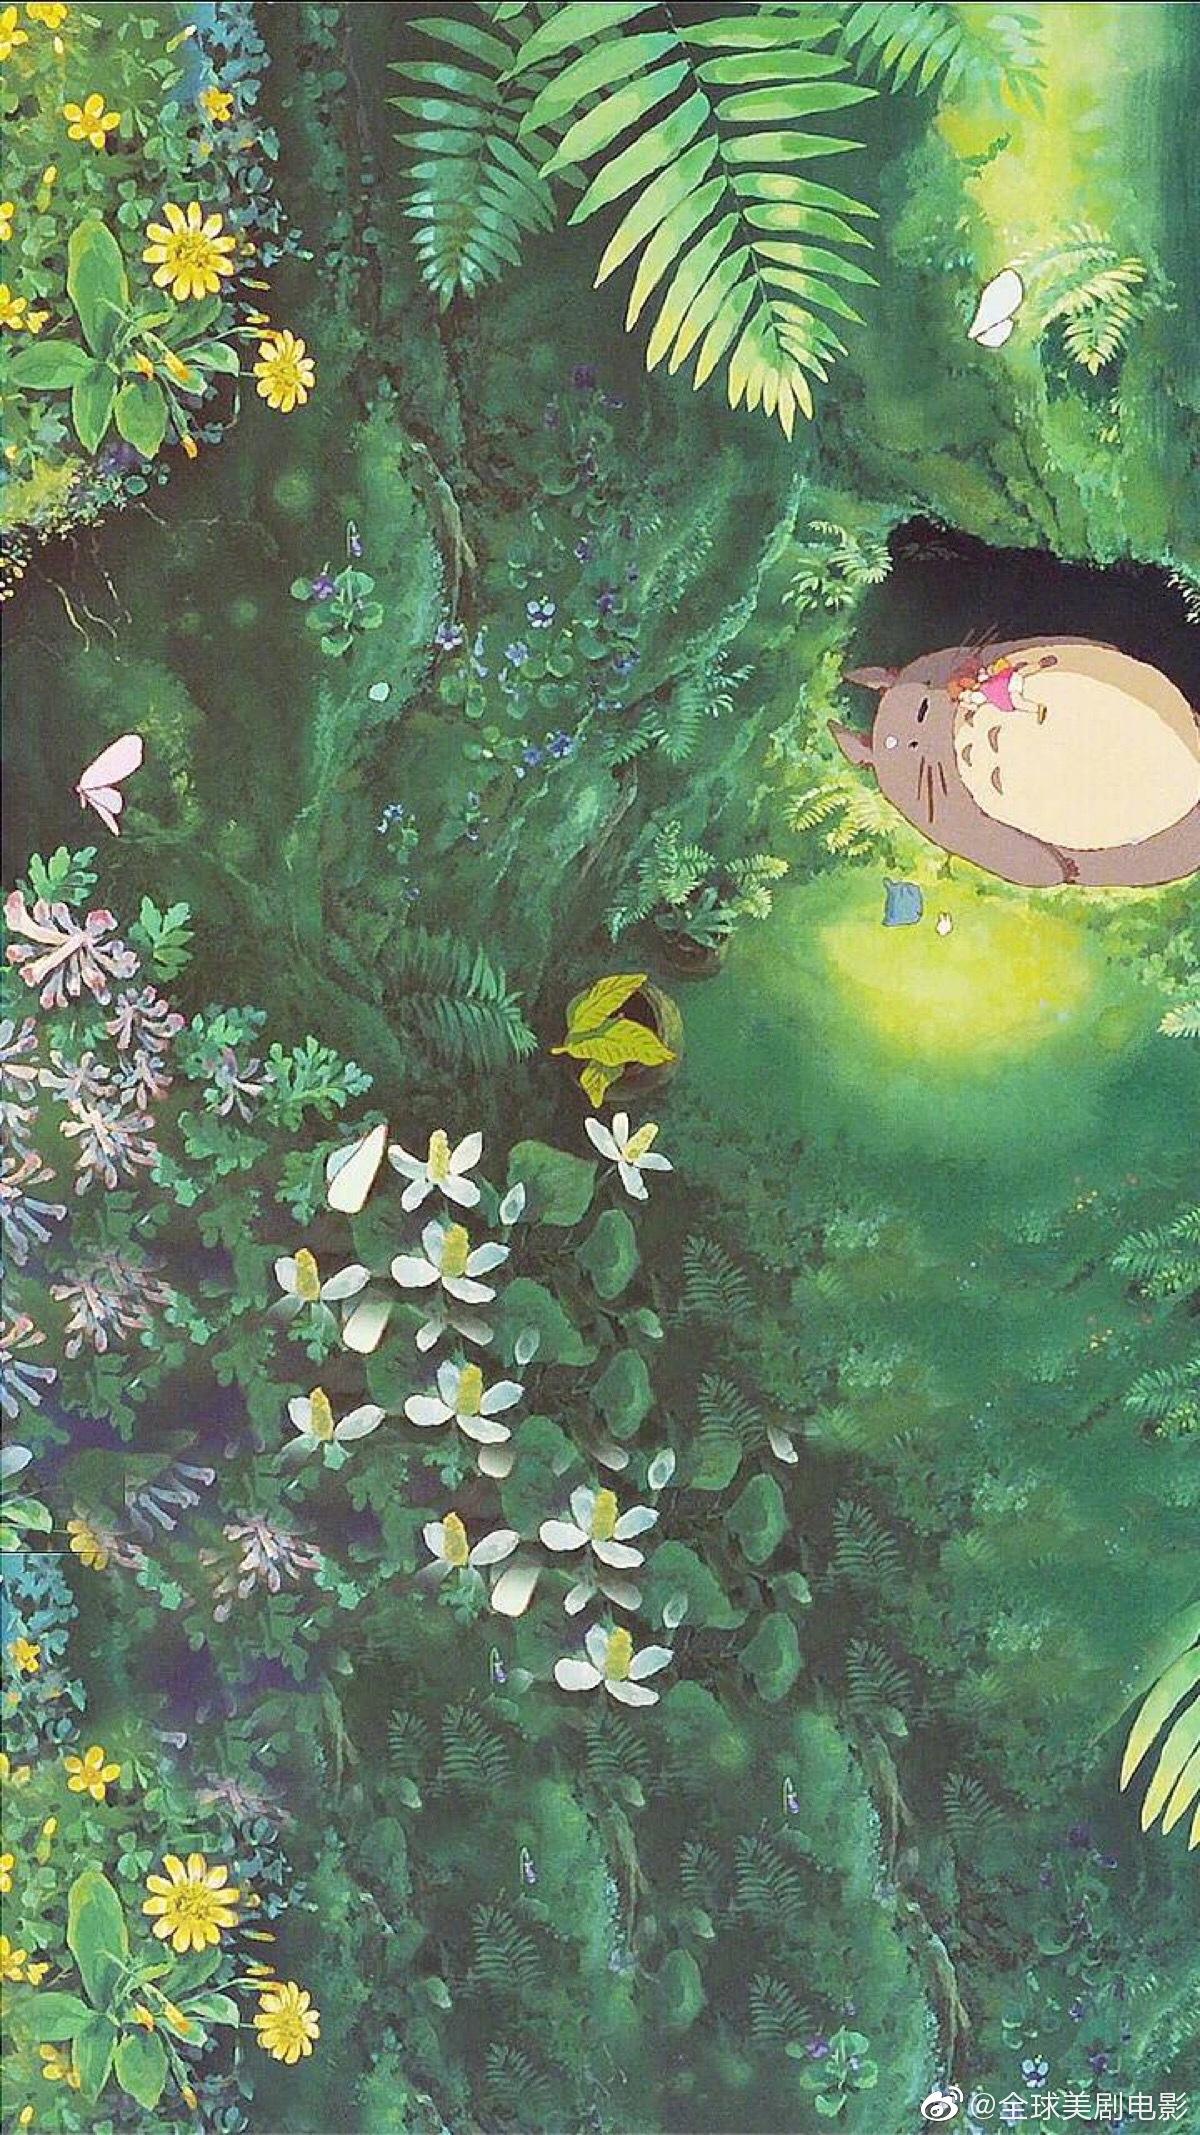 宫崎骏动漫里的夏天!心灵净土,童心永存!